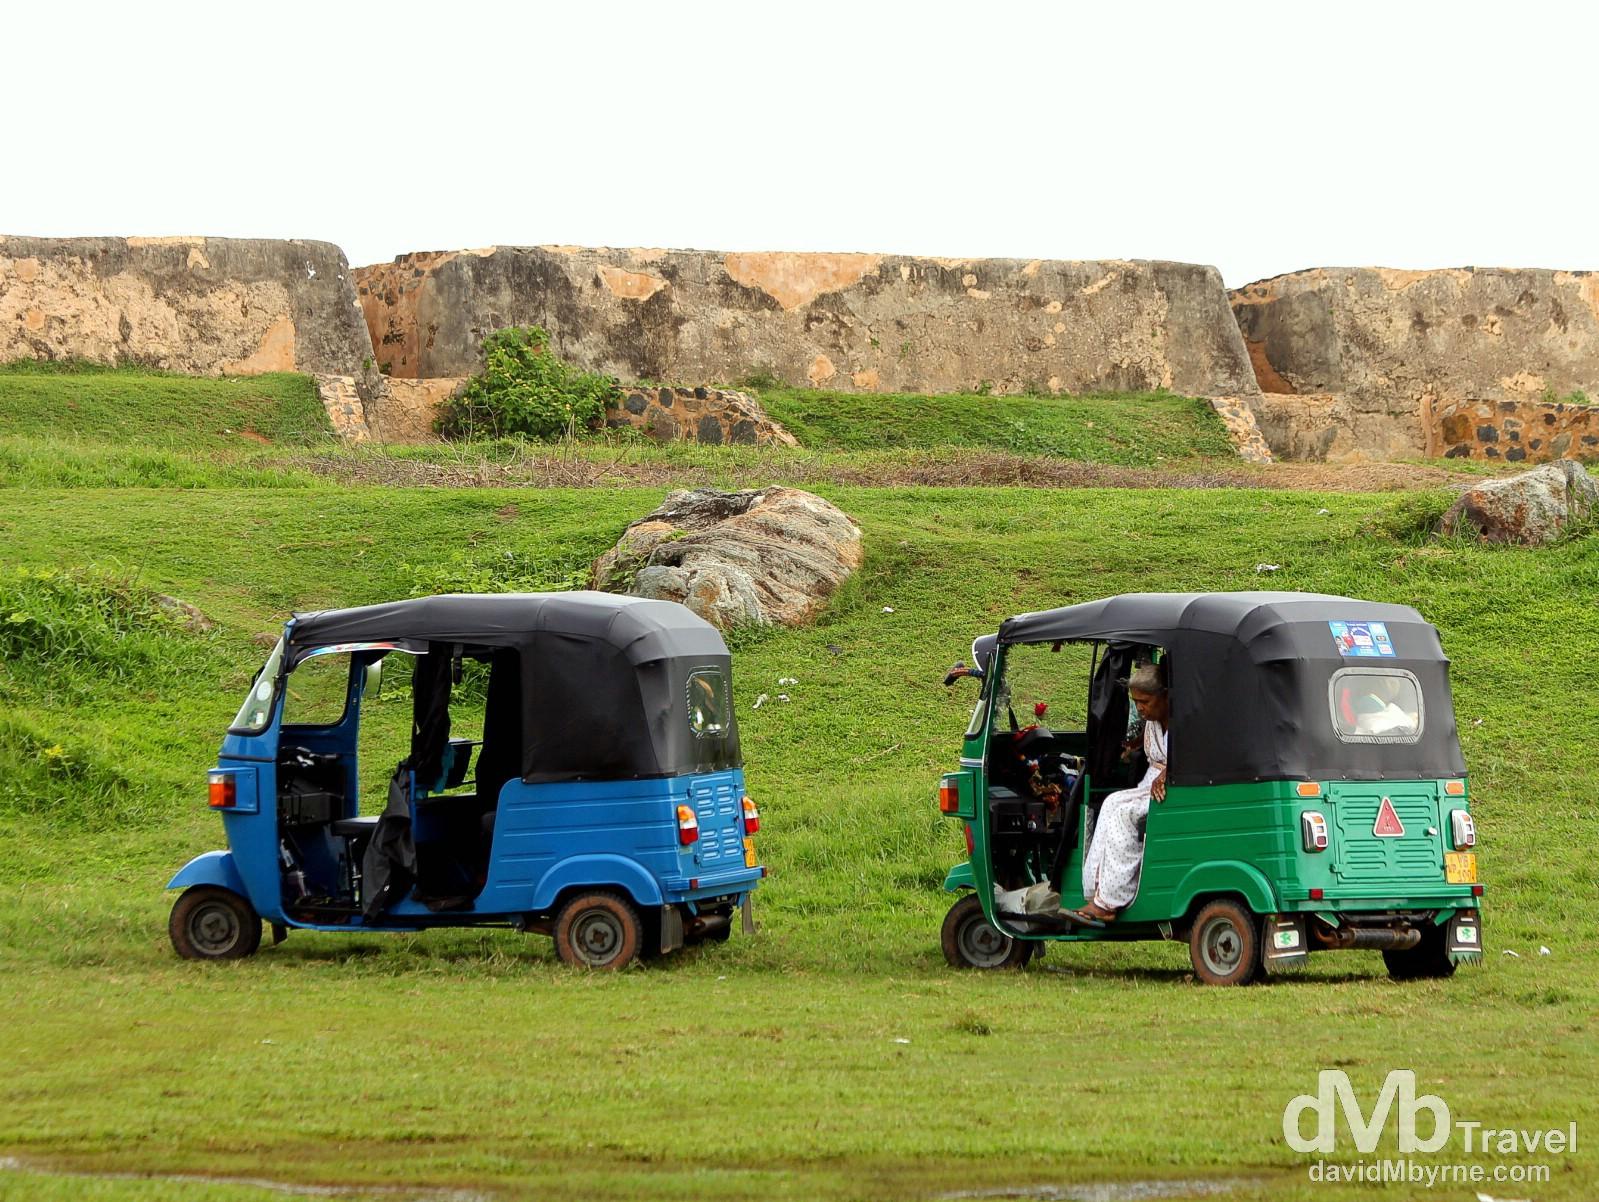 Tuk tuks in the grounds of Galle Fort, Galle, southern Sri Lanka. September 2nd 2012.